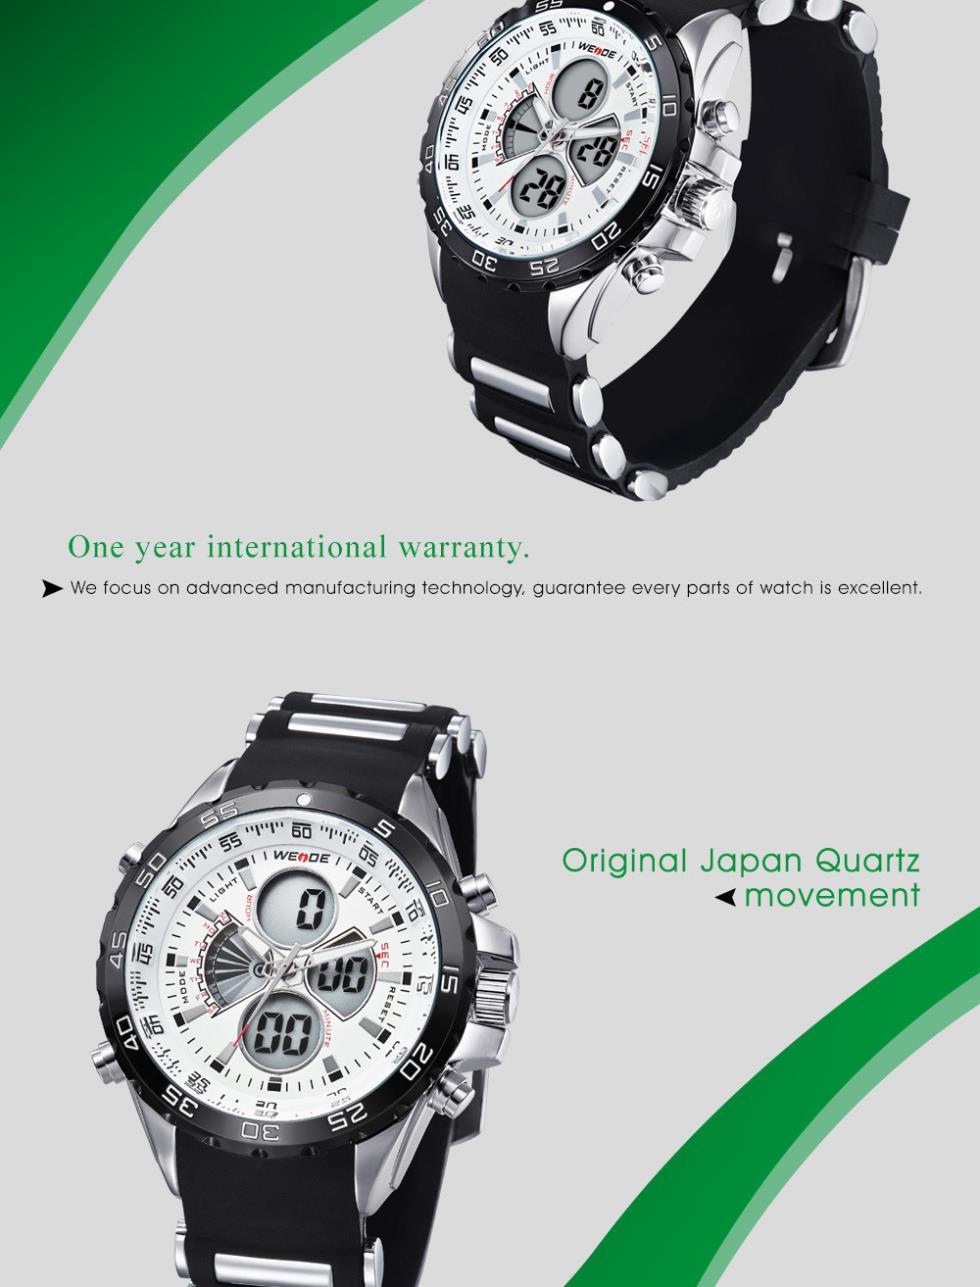 самое, часы weide wh 1103 примеру